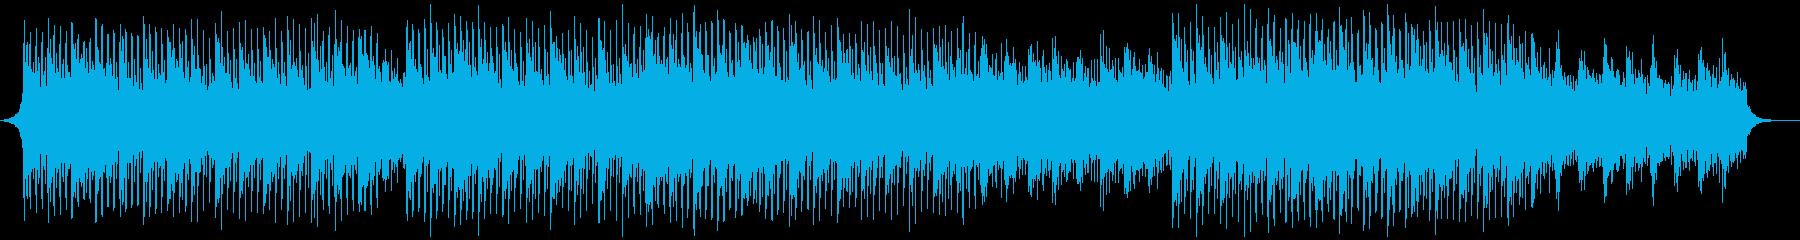 最小限の技術の再生済みの波形